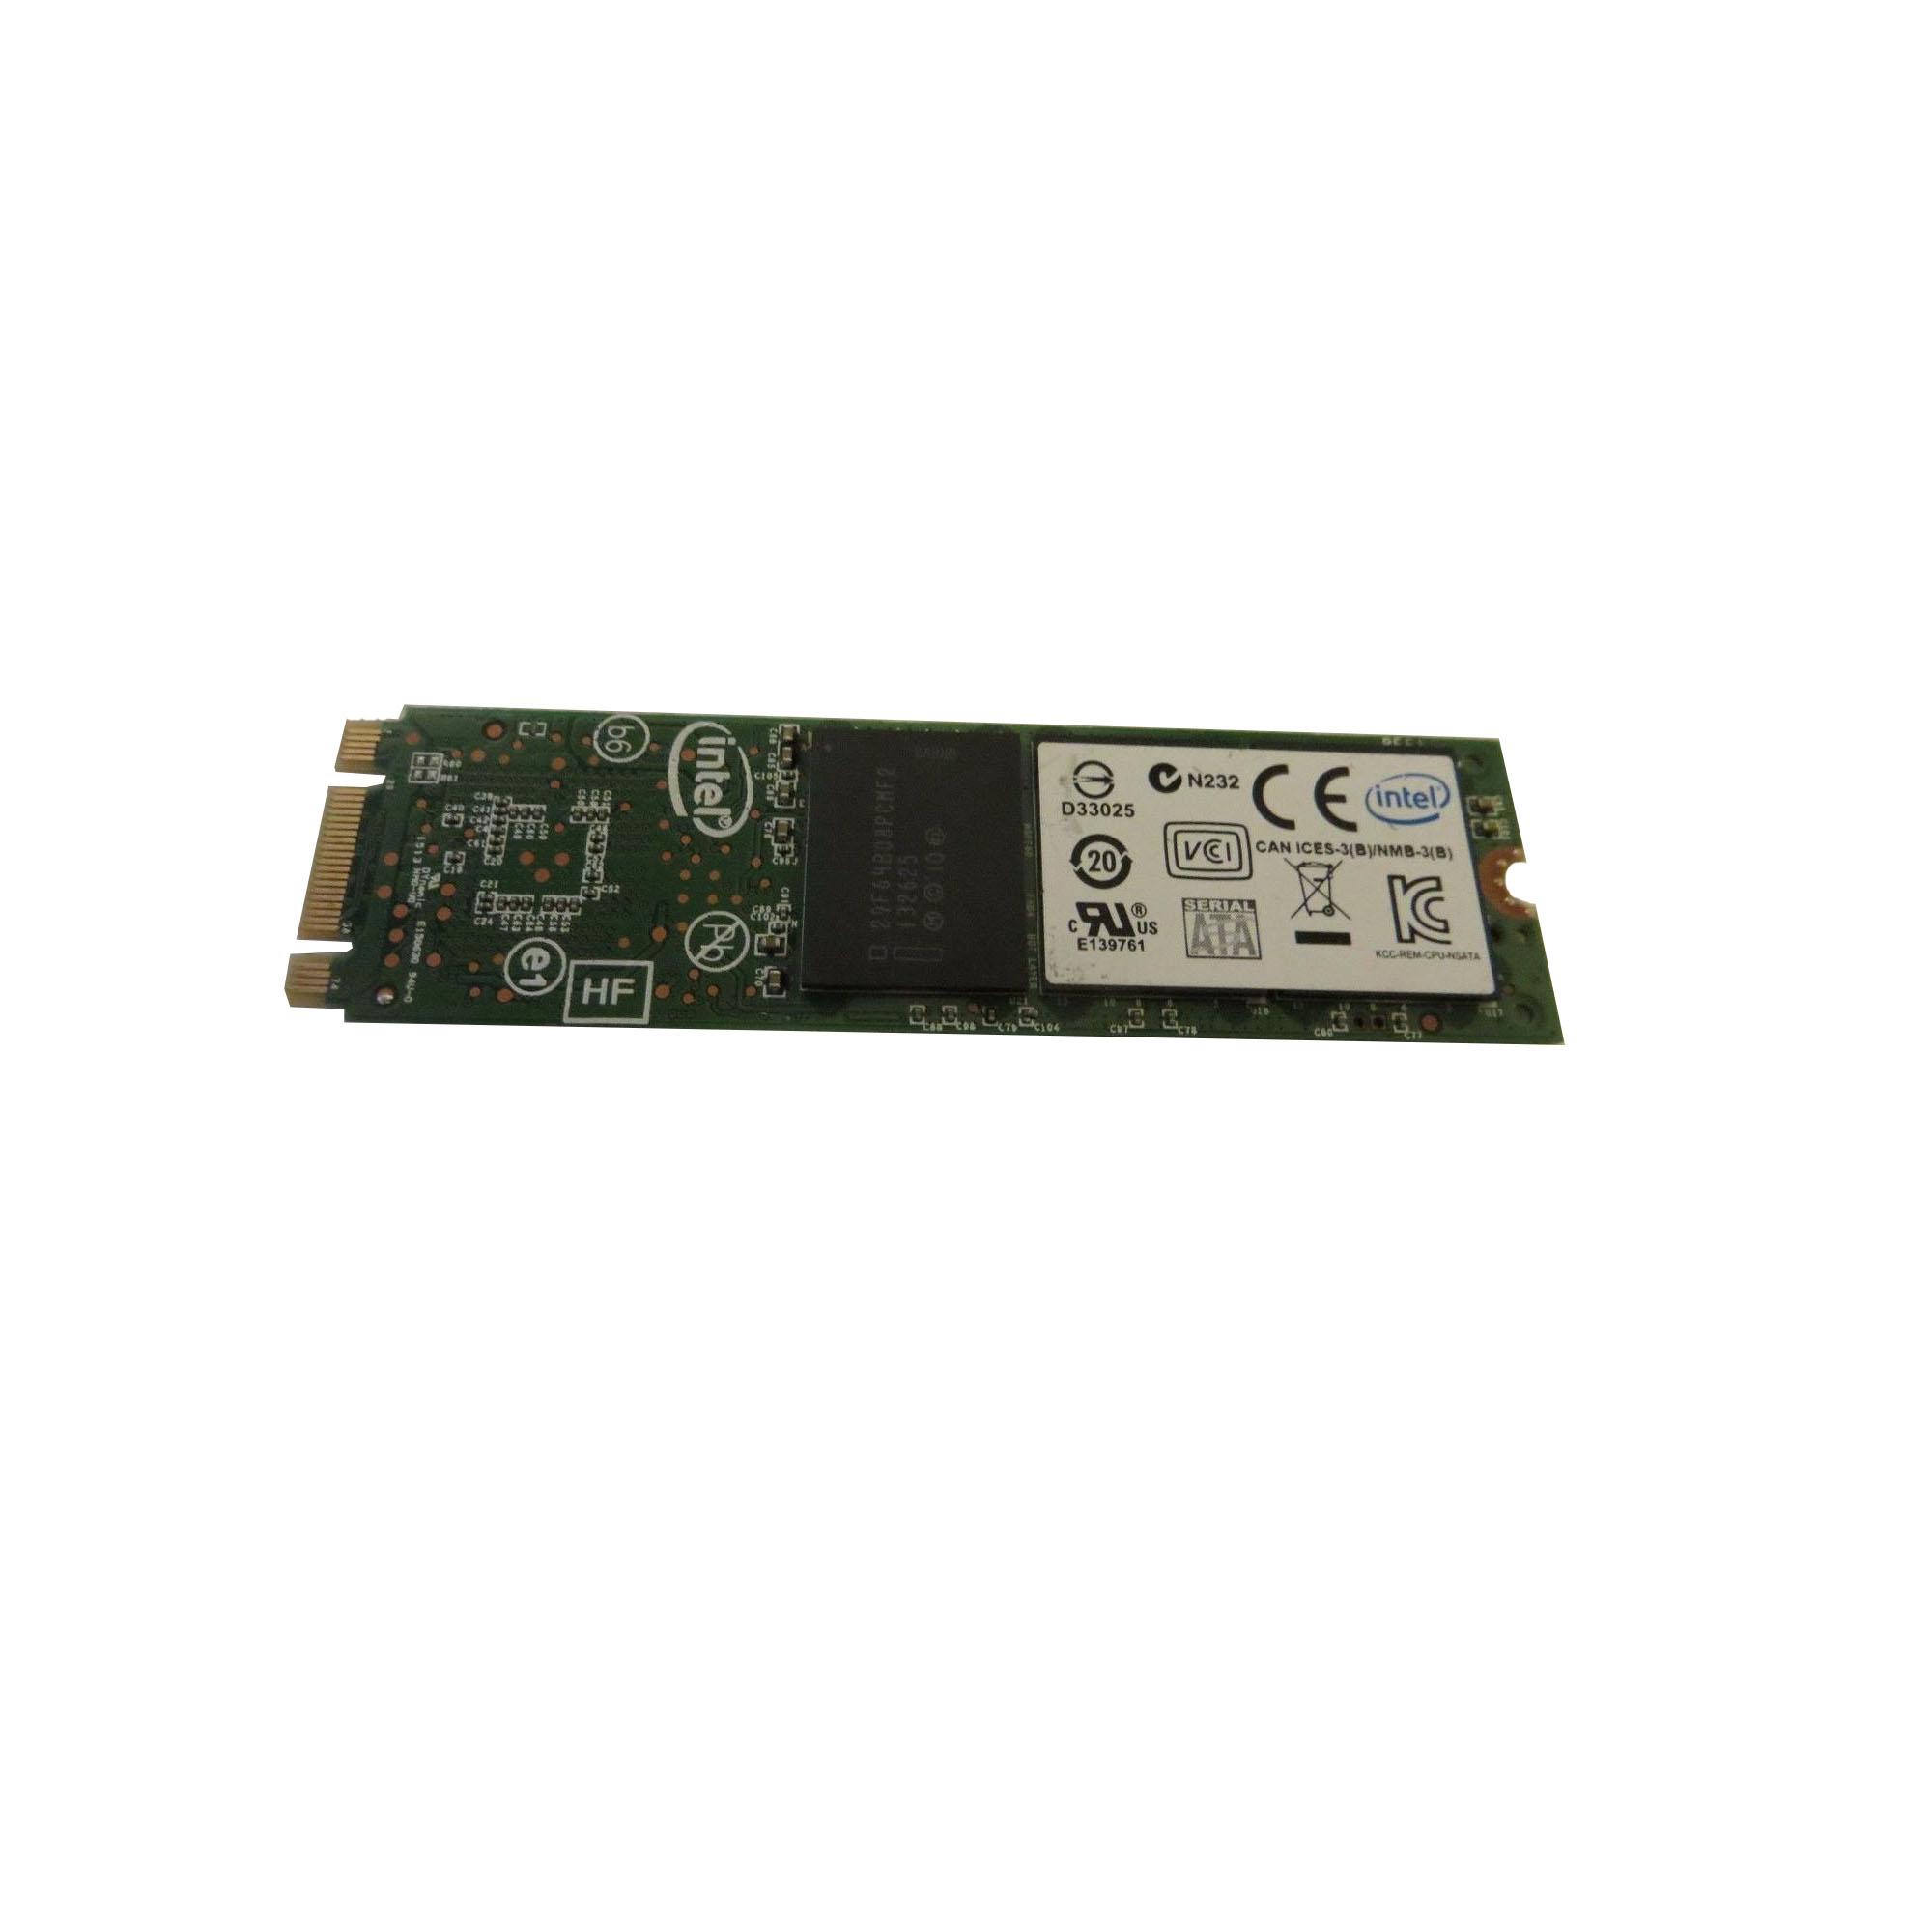 Solid State Drive (SSD) 240GB M.2 Intel SSD Pro 1500 Series, SSDSCKHF240A4L